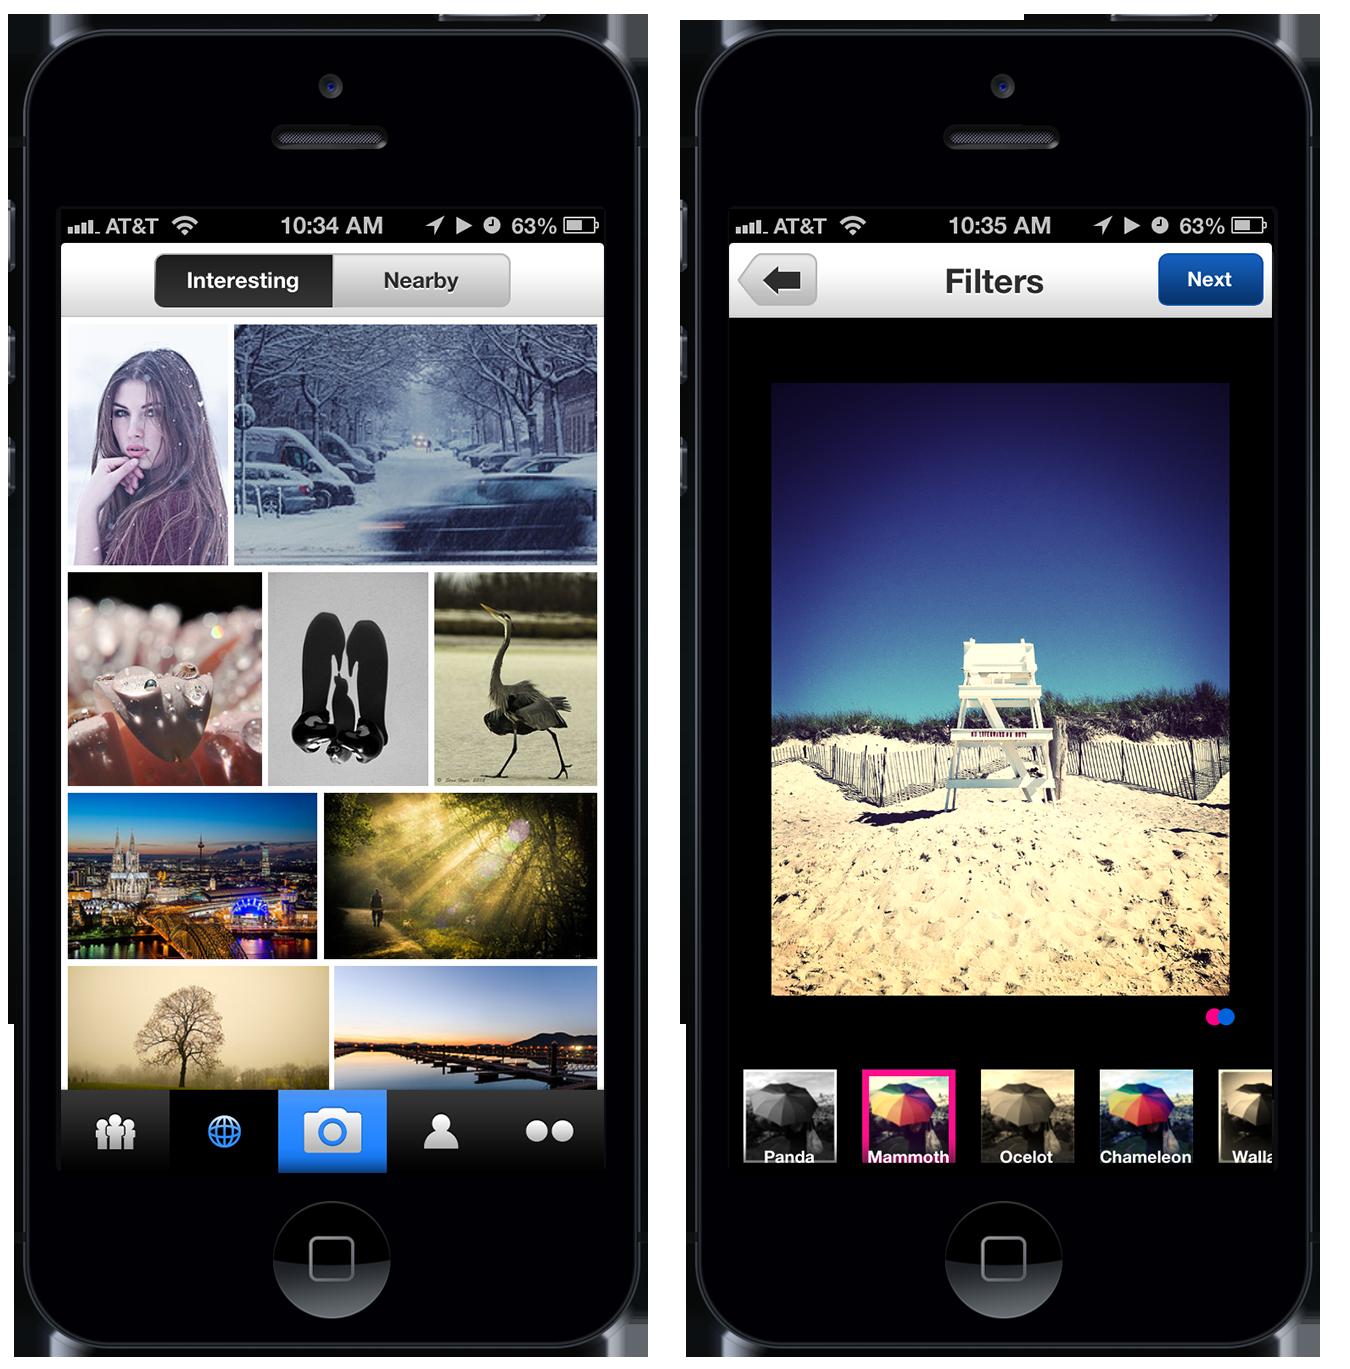 flickr_screens